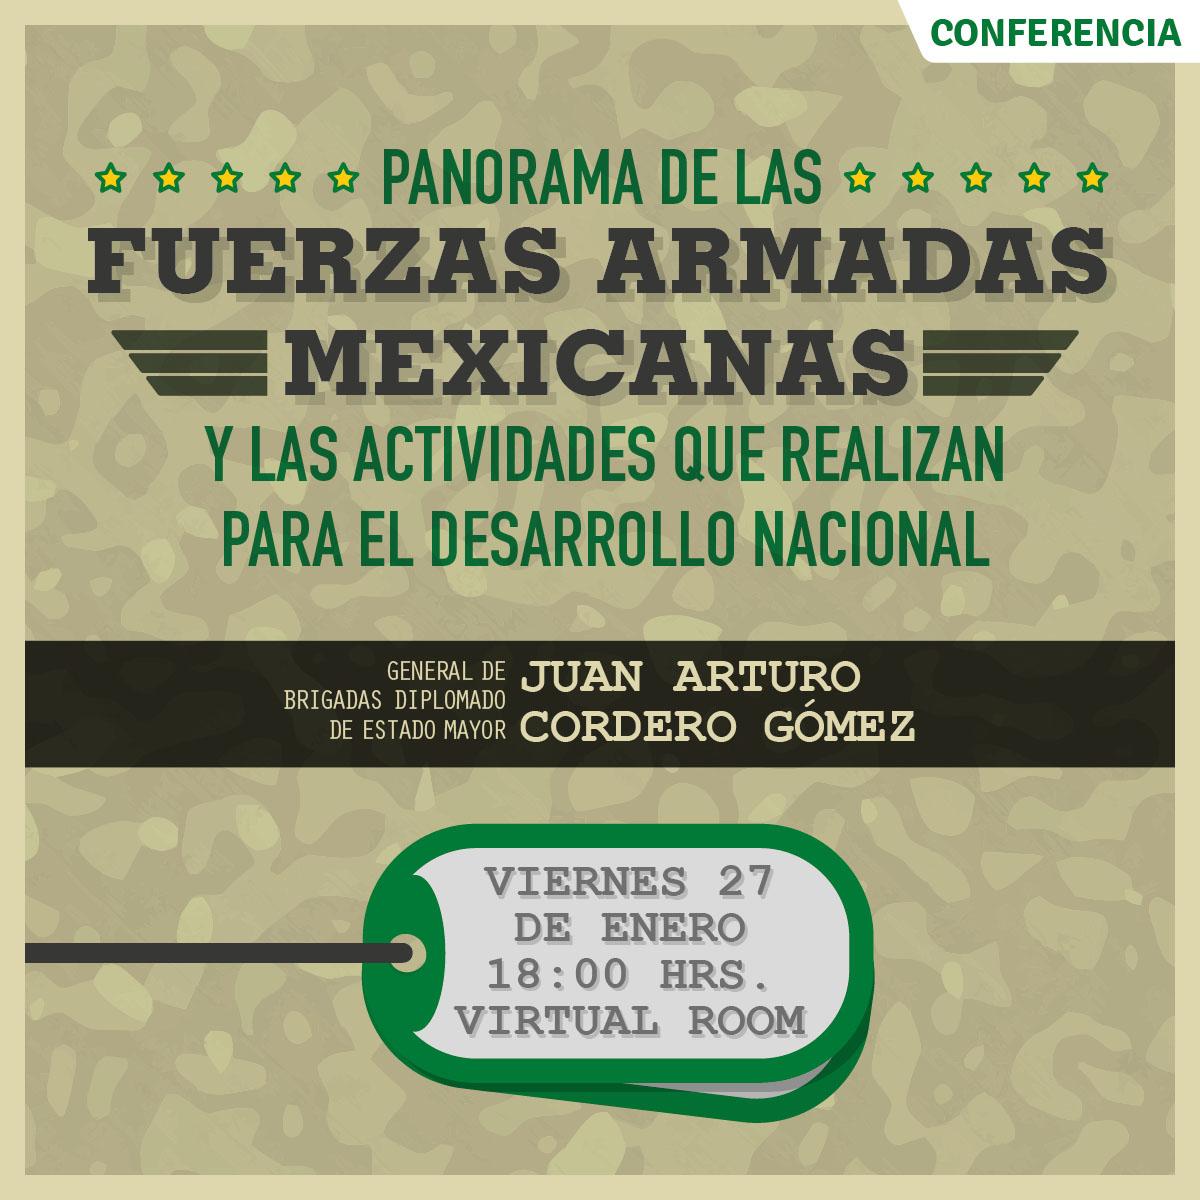 Fuerzas Armadas Mexicanas